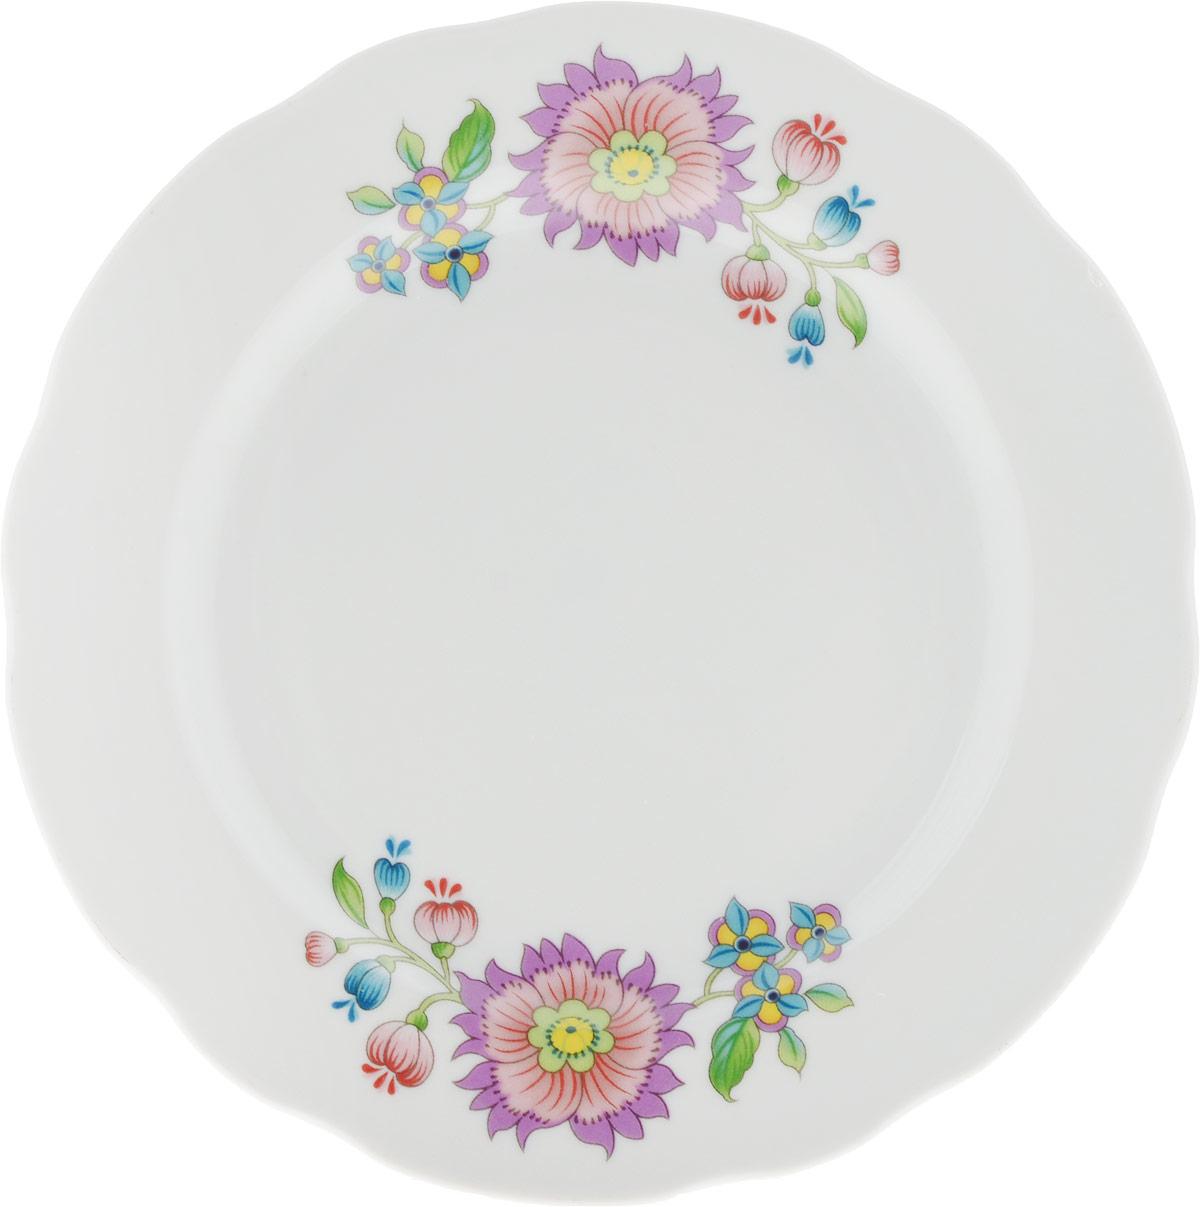 Тарелка мелкая Дулевский Фарфор Луговые цветы, диаметр 17,5 см ваза луговые маки